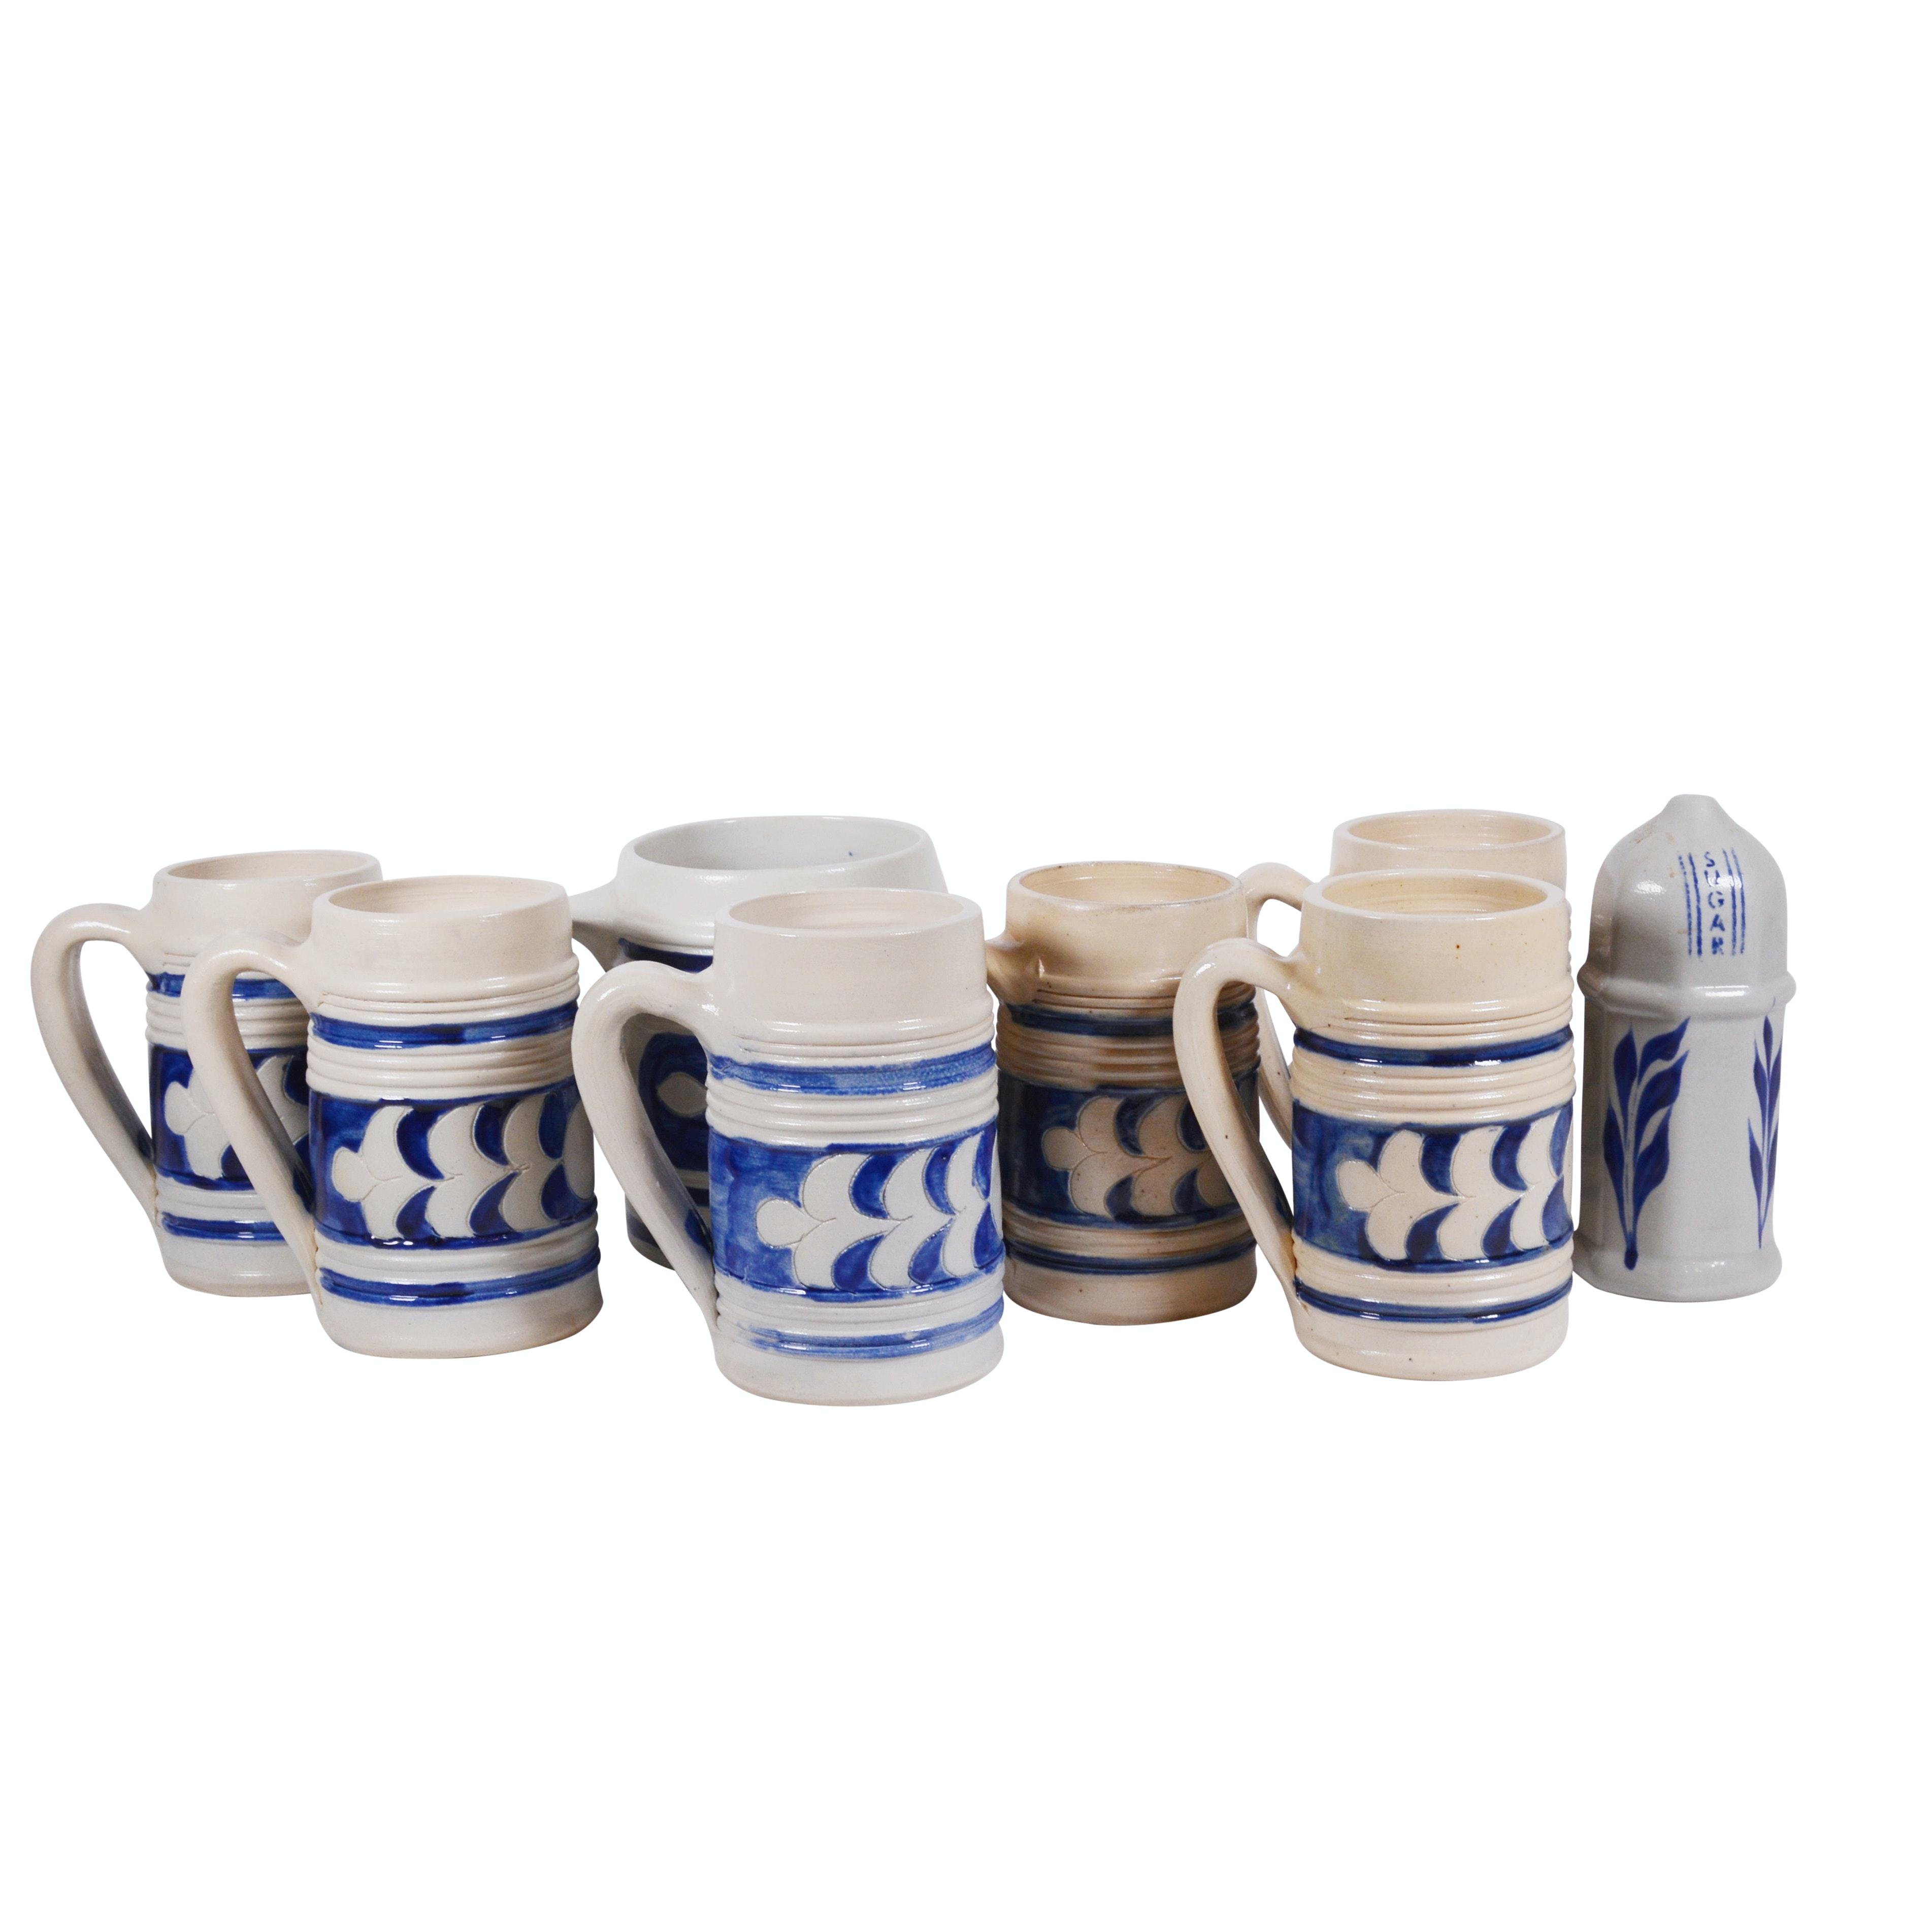 Colonial Williamsburg Stoneware Mugs and Sugar